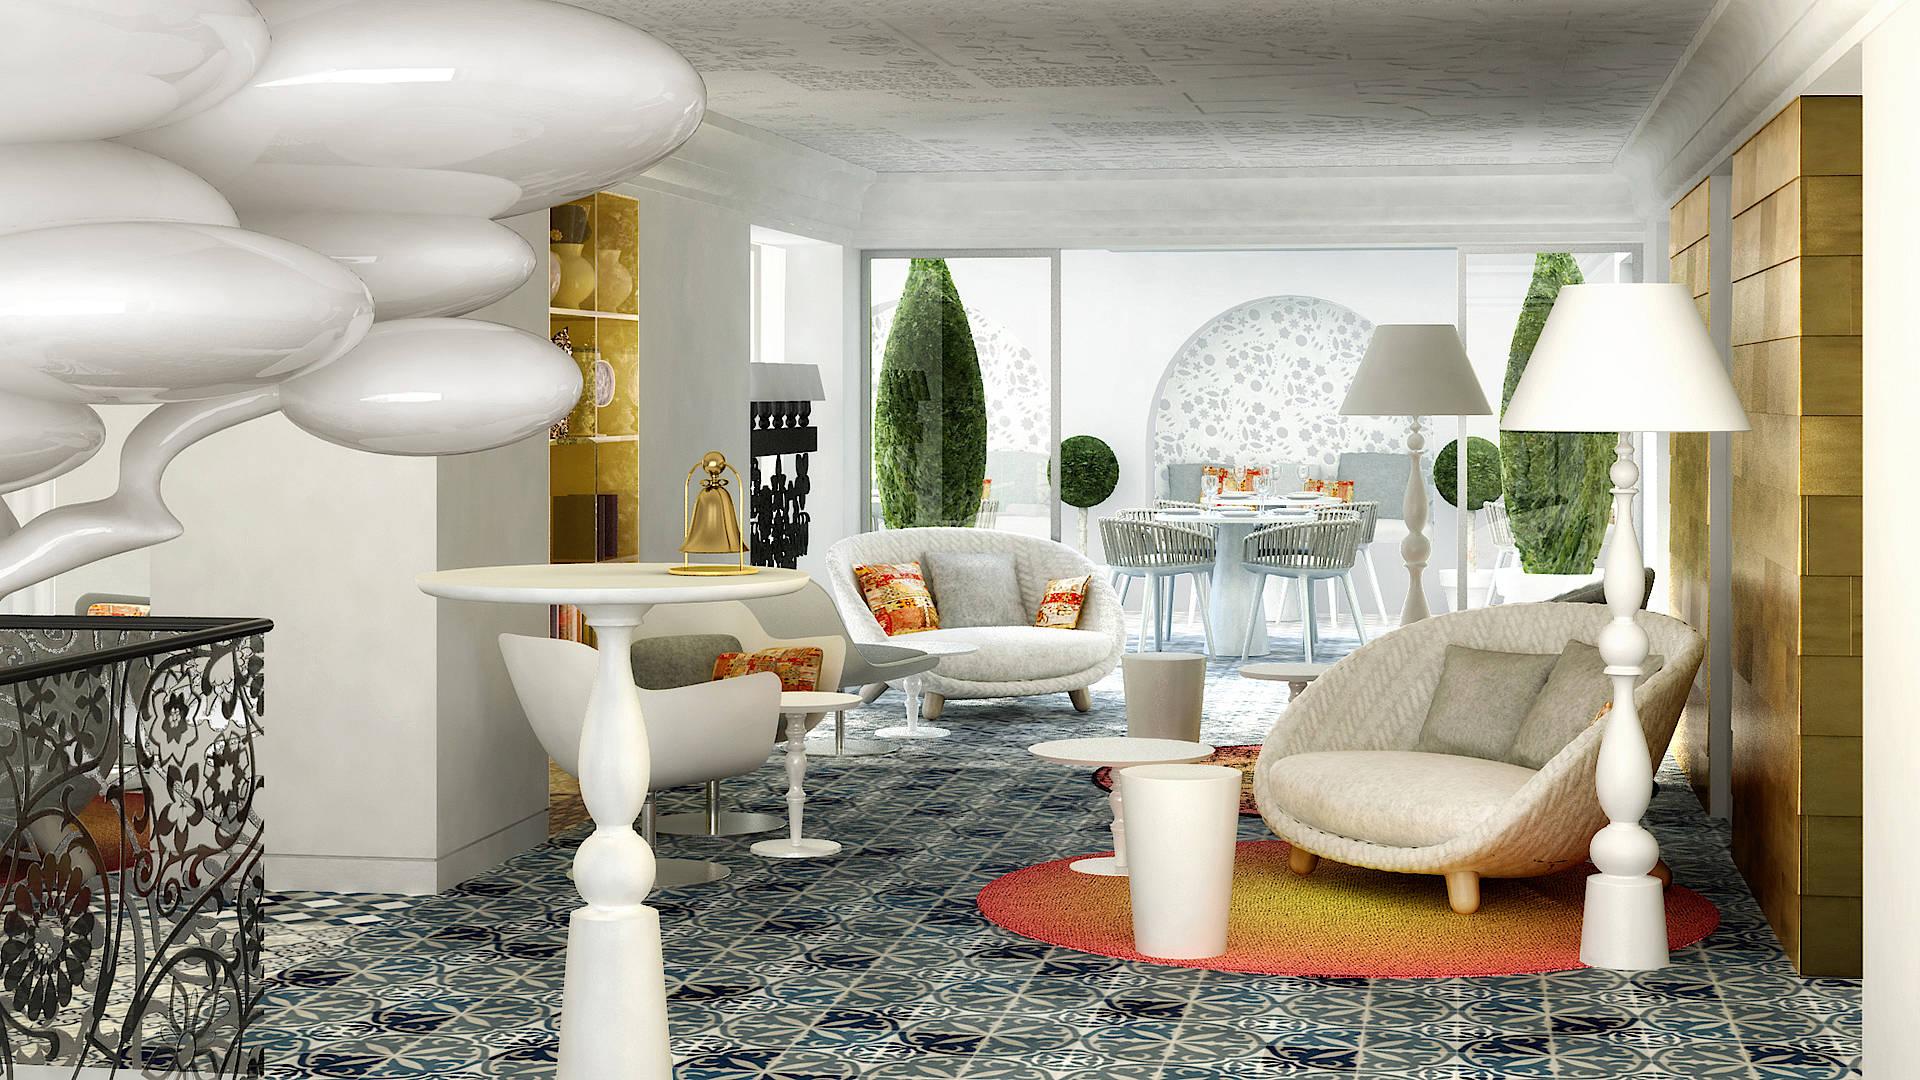 Марсель Вандерс оформил пятизвездочный отель на Майорке   галерея [1] фото [12]